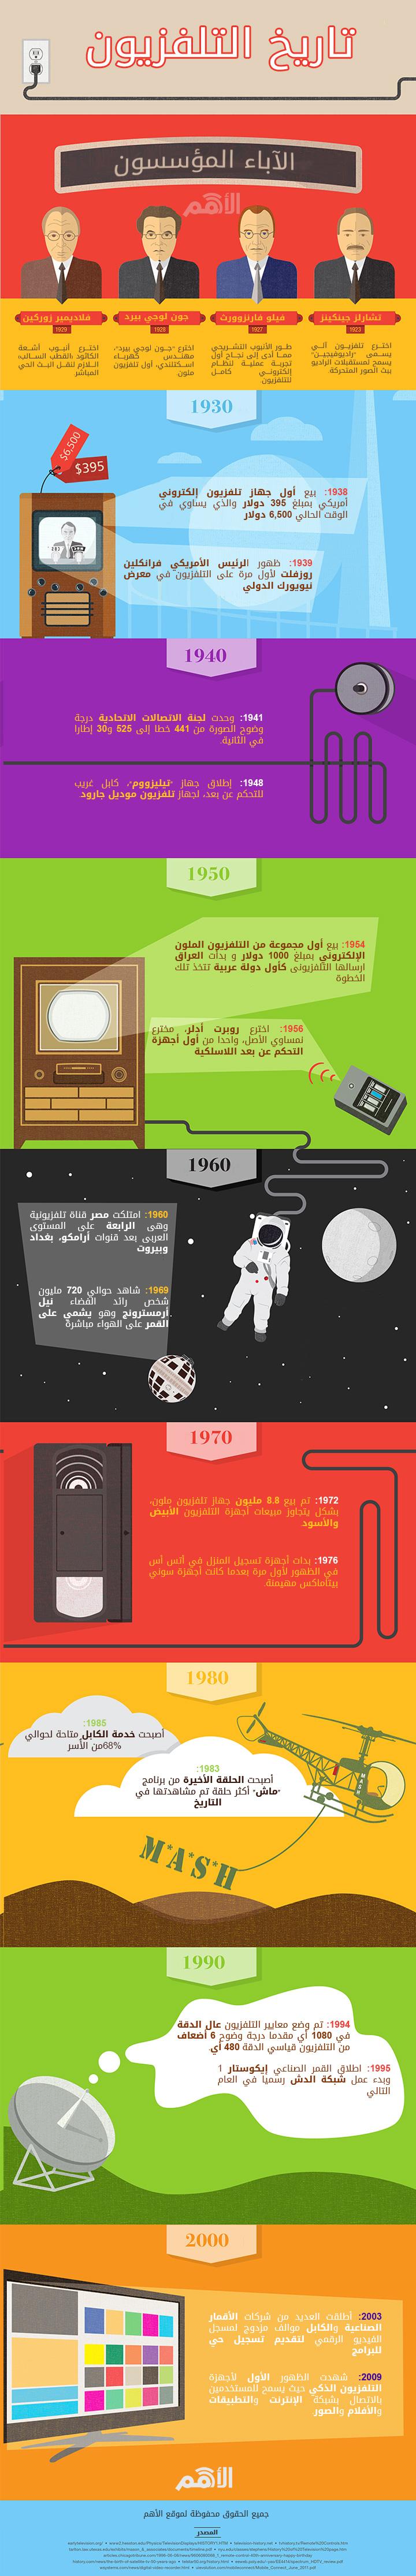 تاريخ صناعة التلفزيون